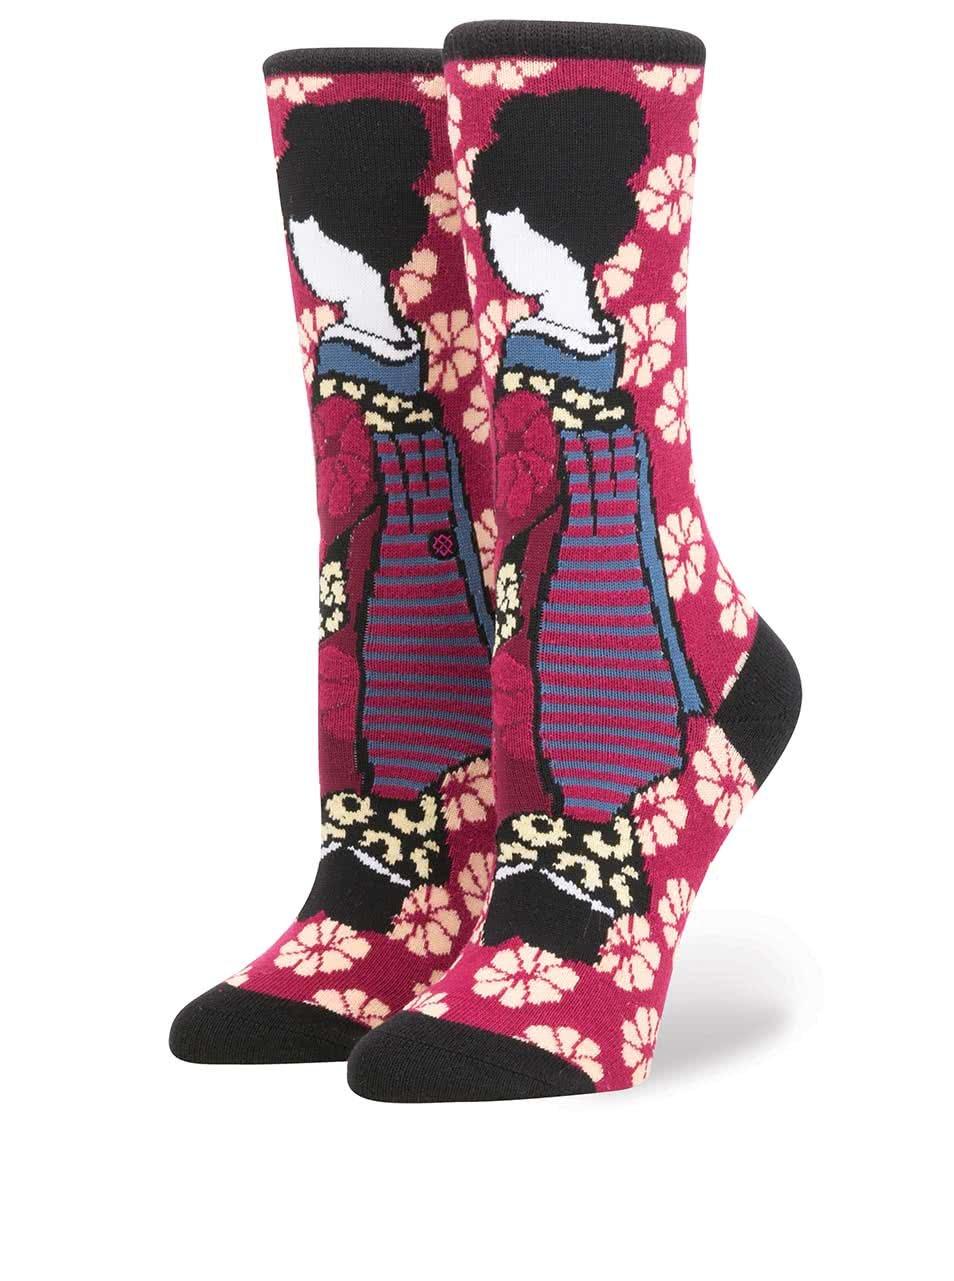 Vínovo-růžové dámské ponožky s japonským motivem Stance Geisha